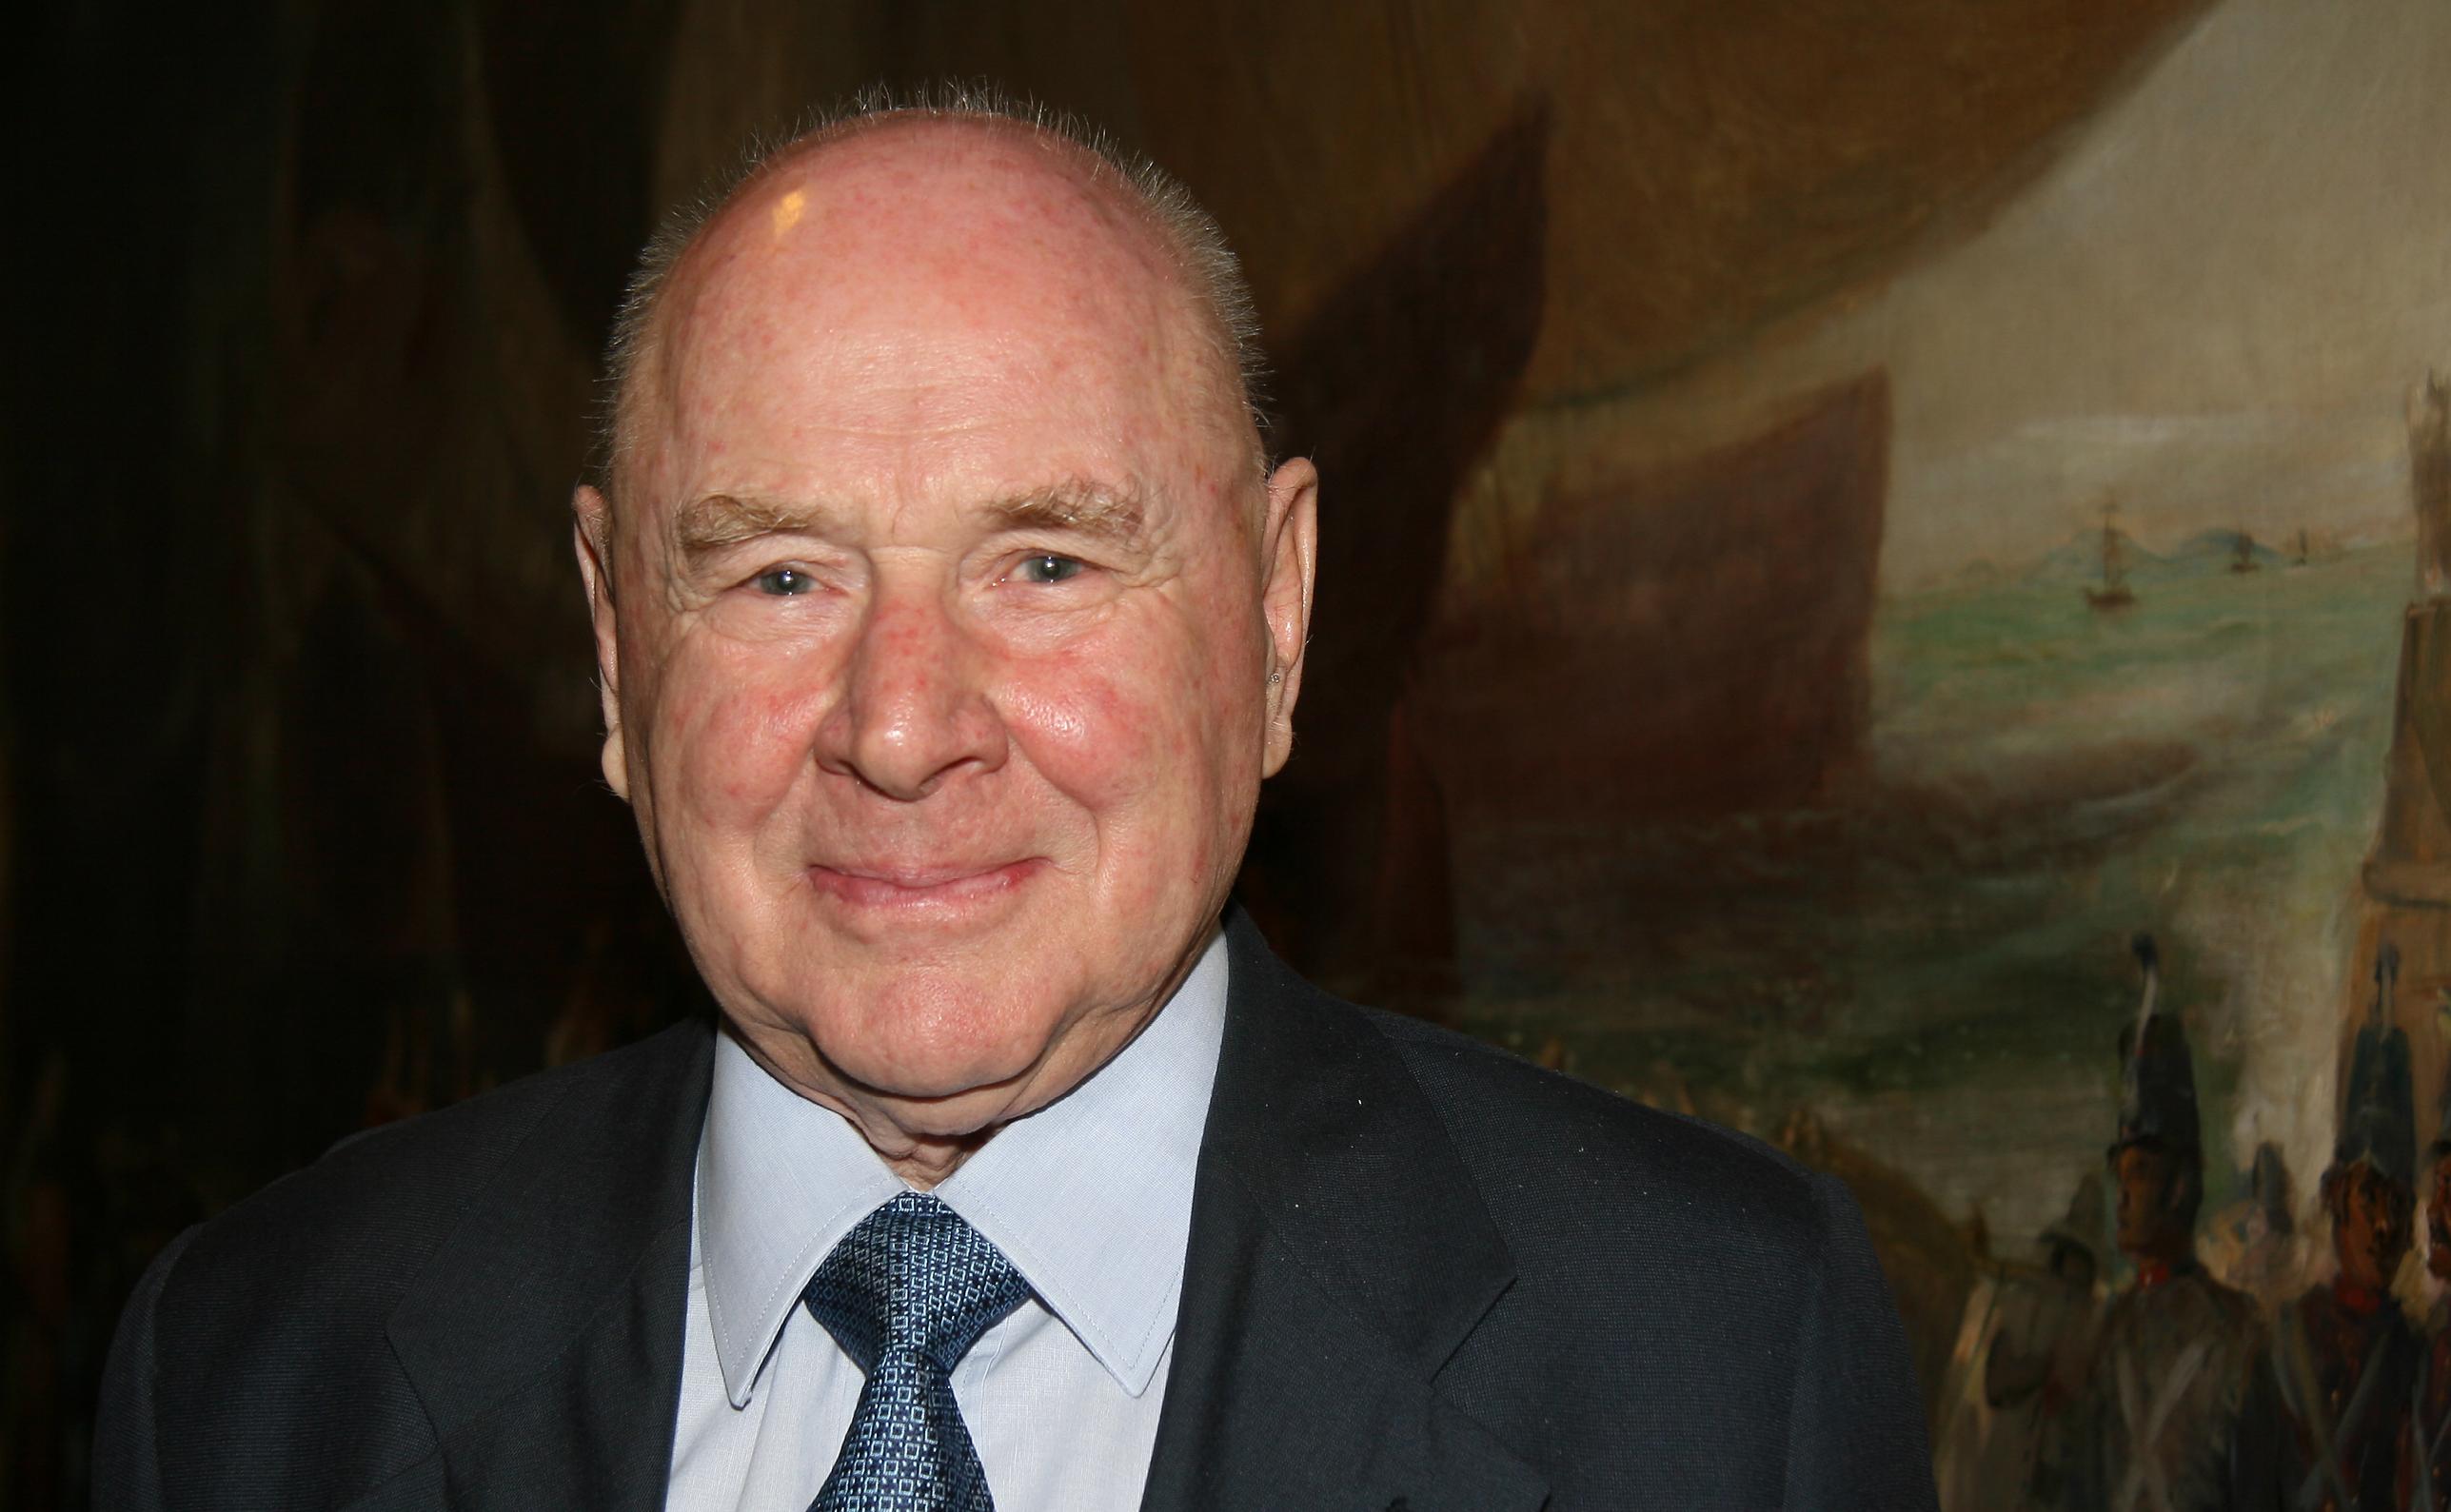 Expoente da governança corporativa, Bengt Hallqvist morre aos 88 anos